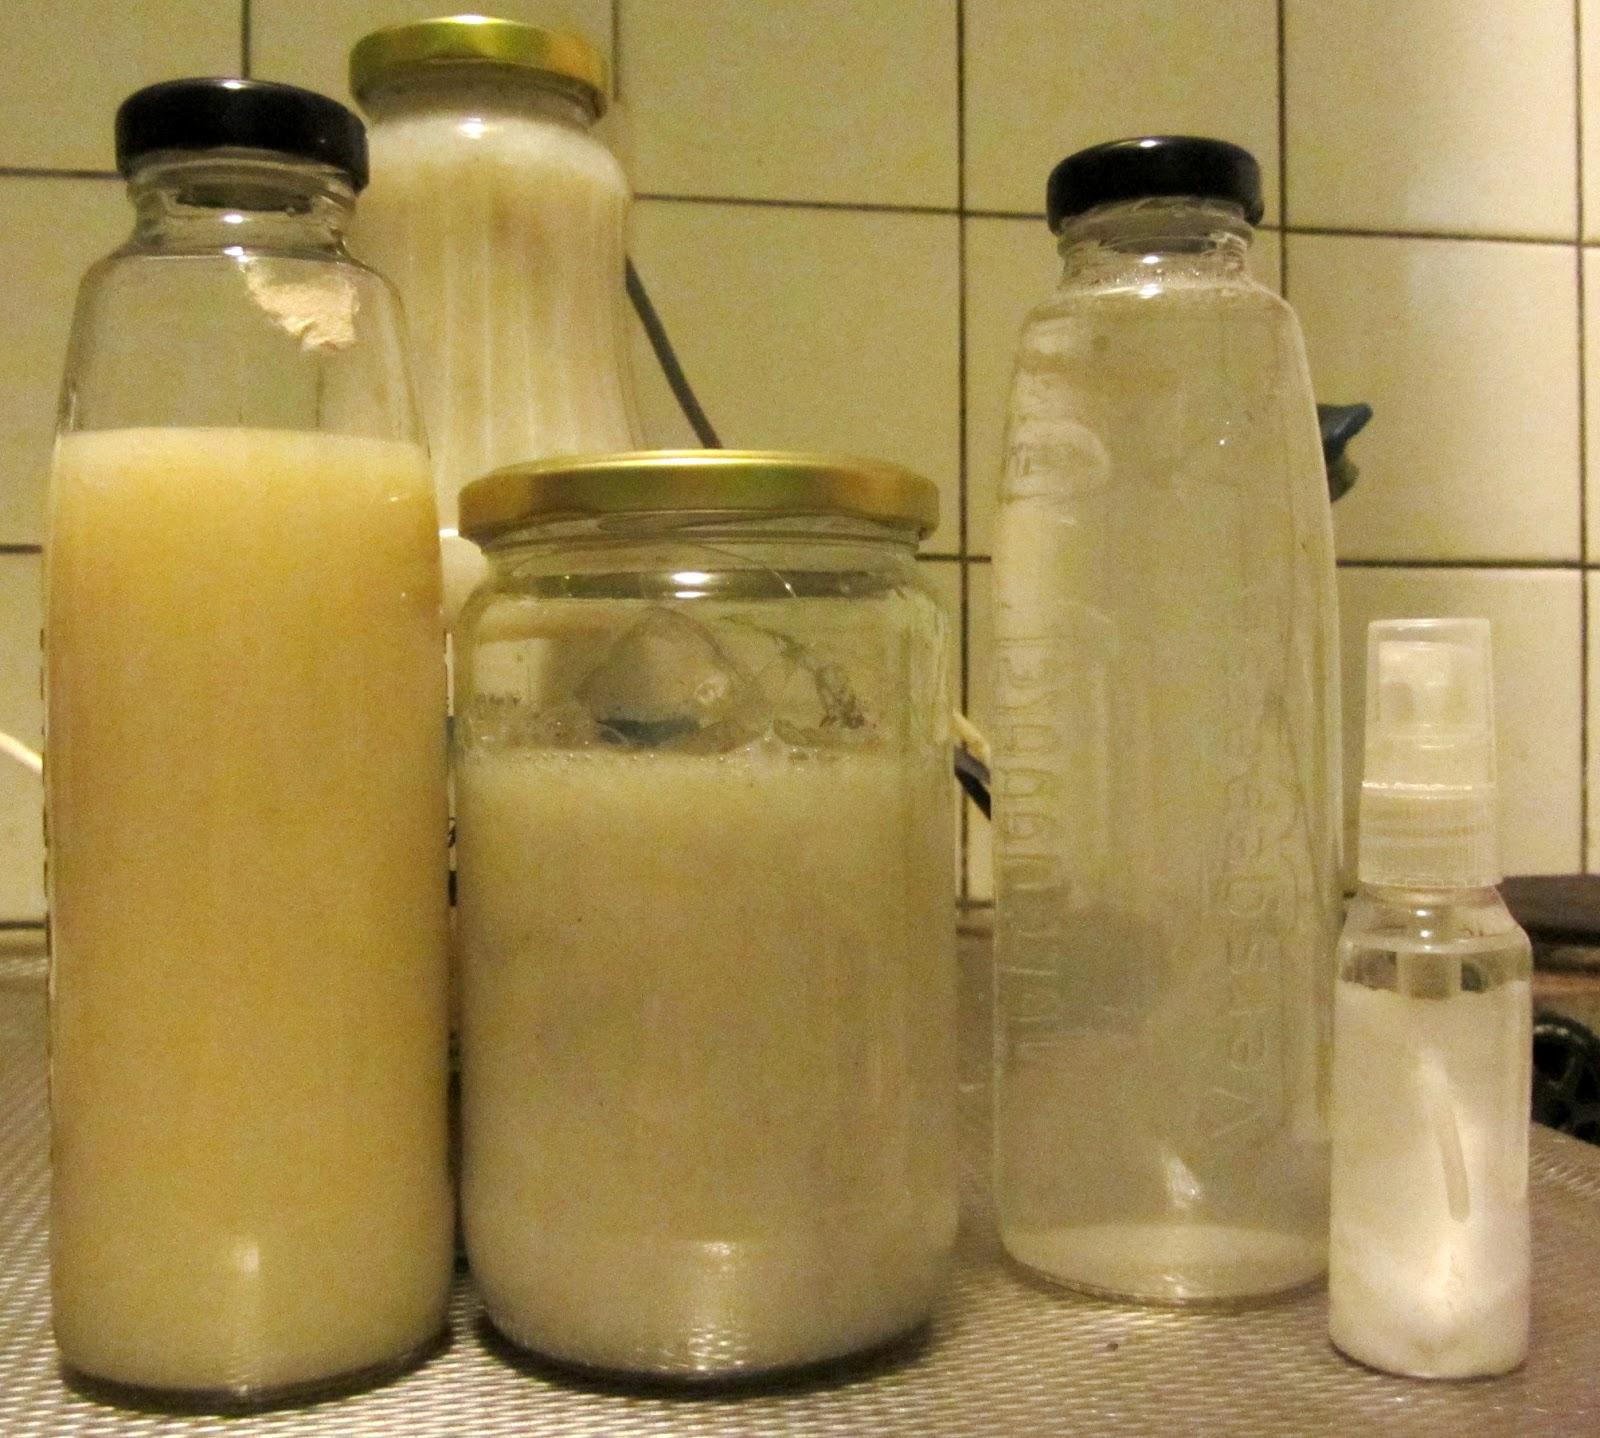 De Verdubbeldame  De Verdubbeldame maakt zelf milieuvriendelijk wasmiddel (21) # Wasbak Soda_235403